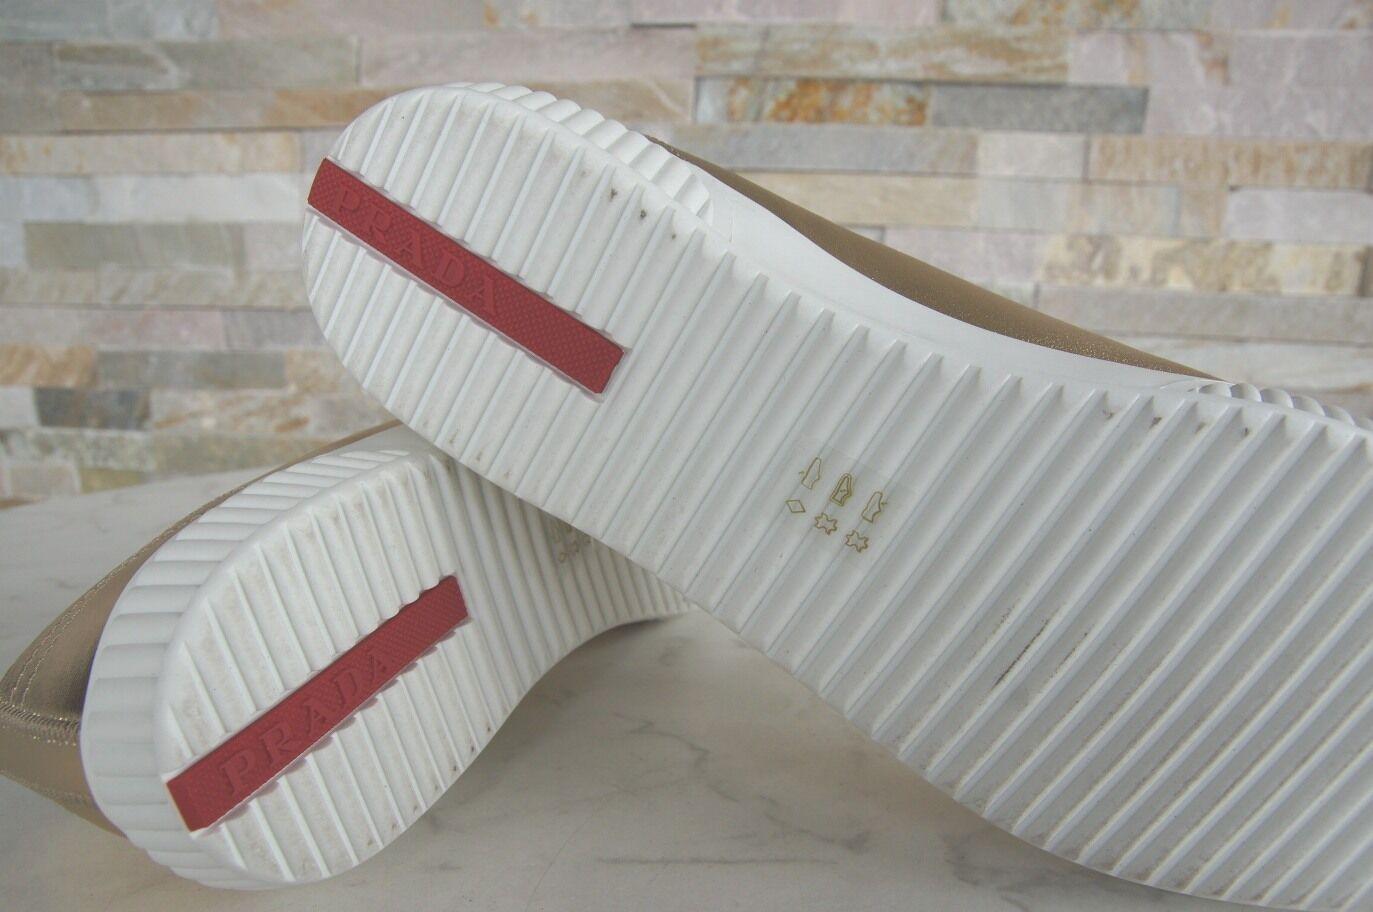 sale retailer 6be11 55881 ... PRADA TAGLIA TAGLIA TAGLIA 39 SNEAKERS normalissime scarpe 3e5876 Pelle  Agnello PLATINO NUOVO UVP 1177b5